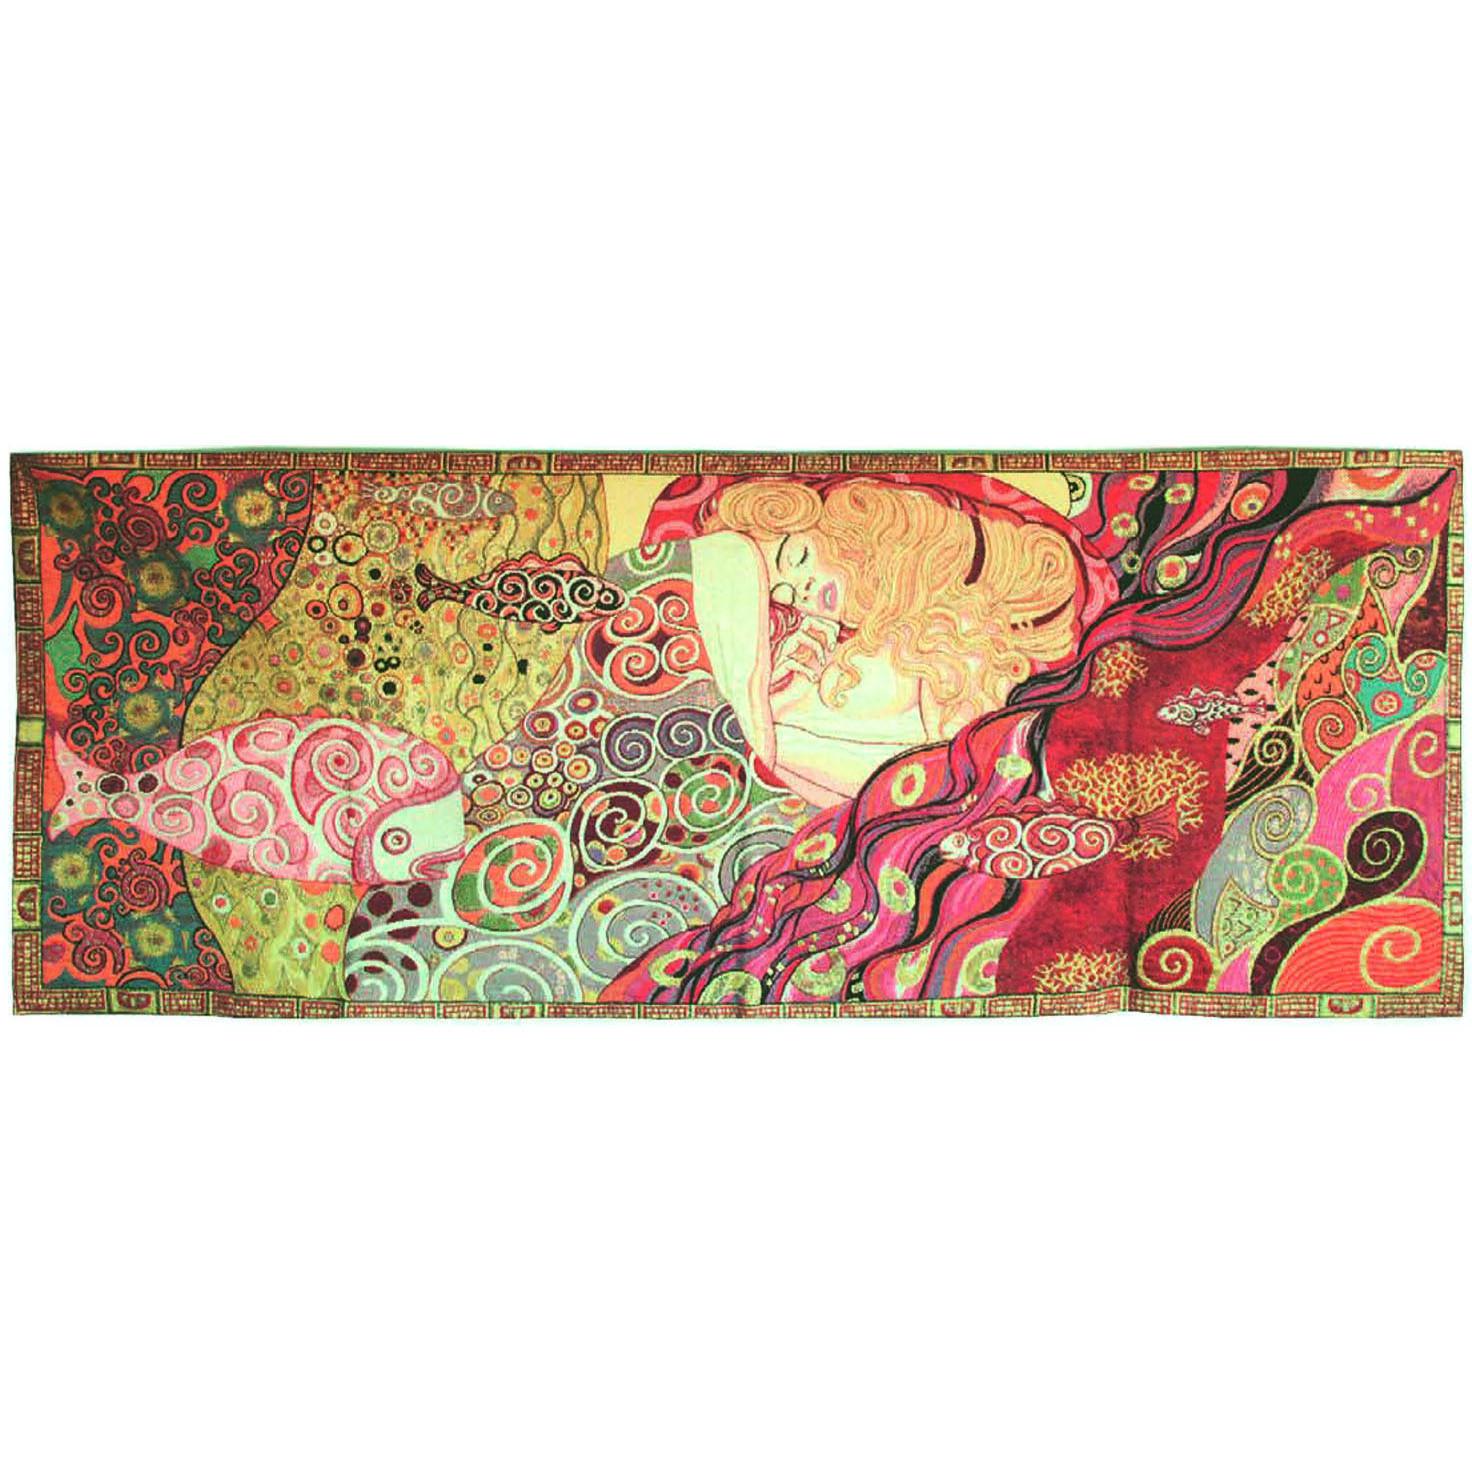 Luka, T1487 Danae Gustav Klimt  <br> Гобелен Даная Густав Климт <br>размер 155х065